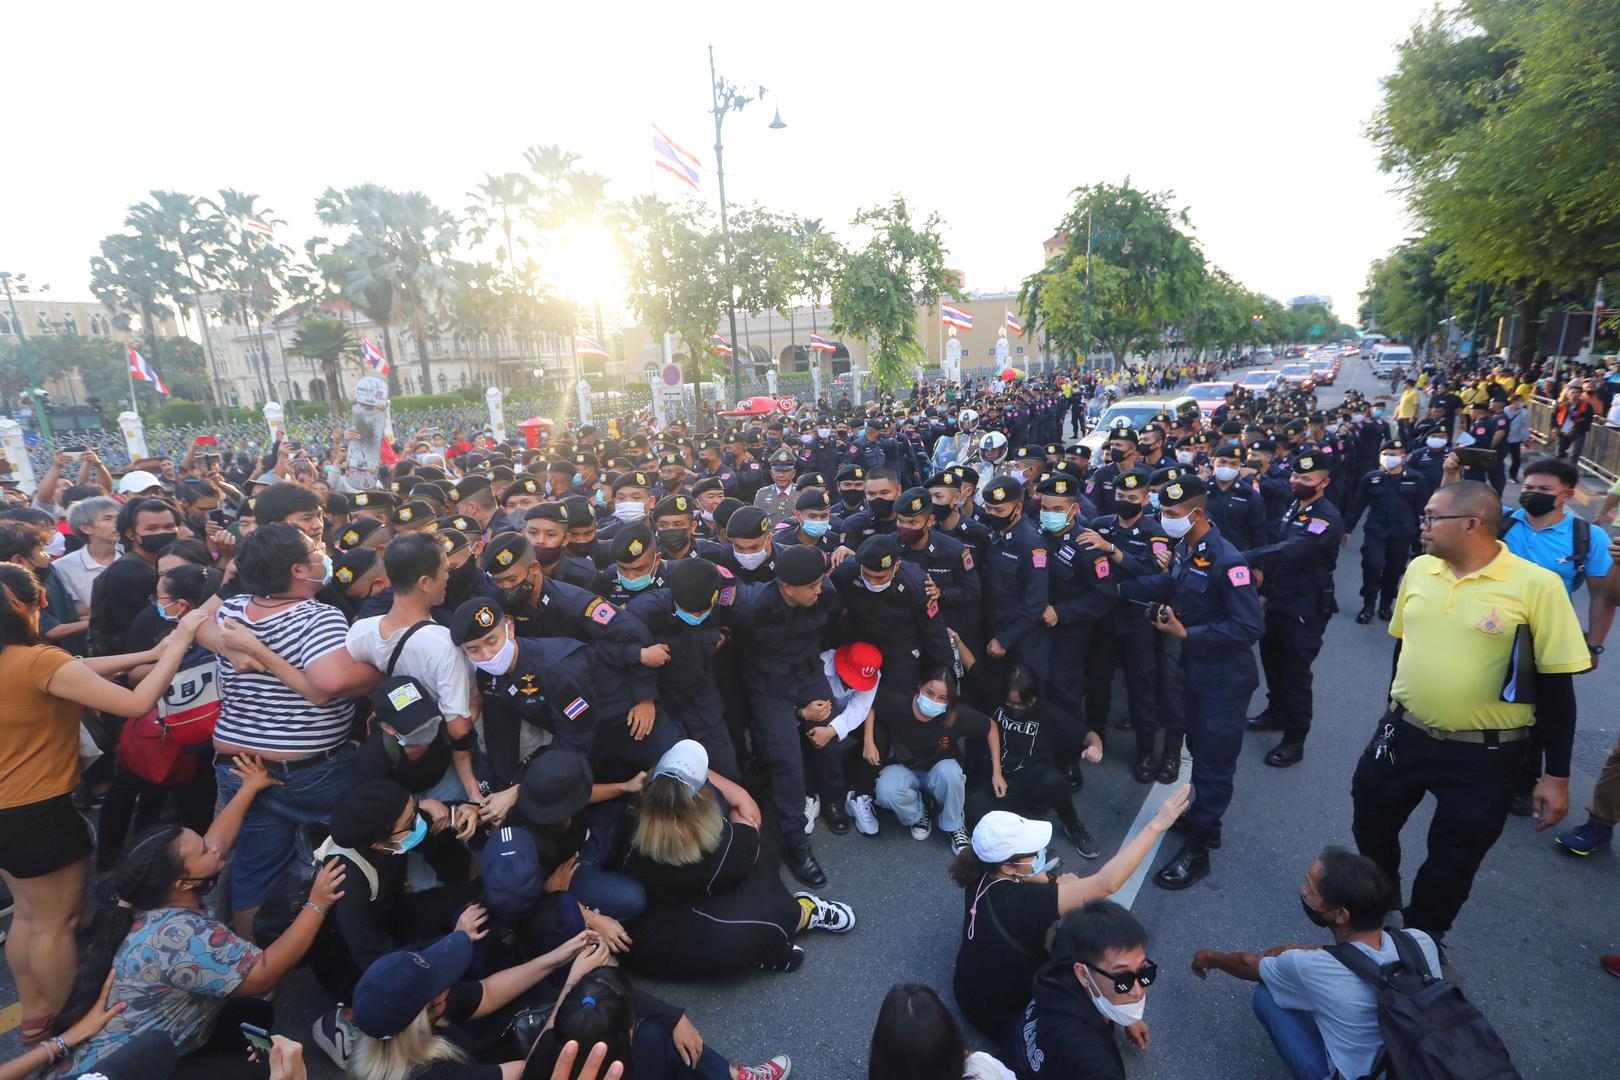 احتجاجات مناهضة للحكومة في تايلاند